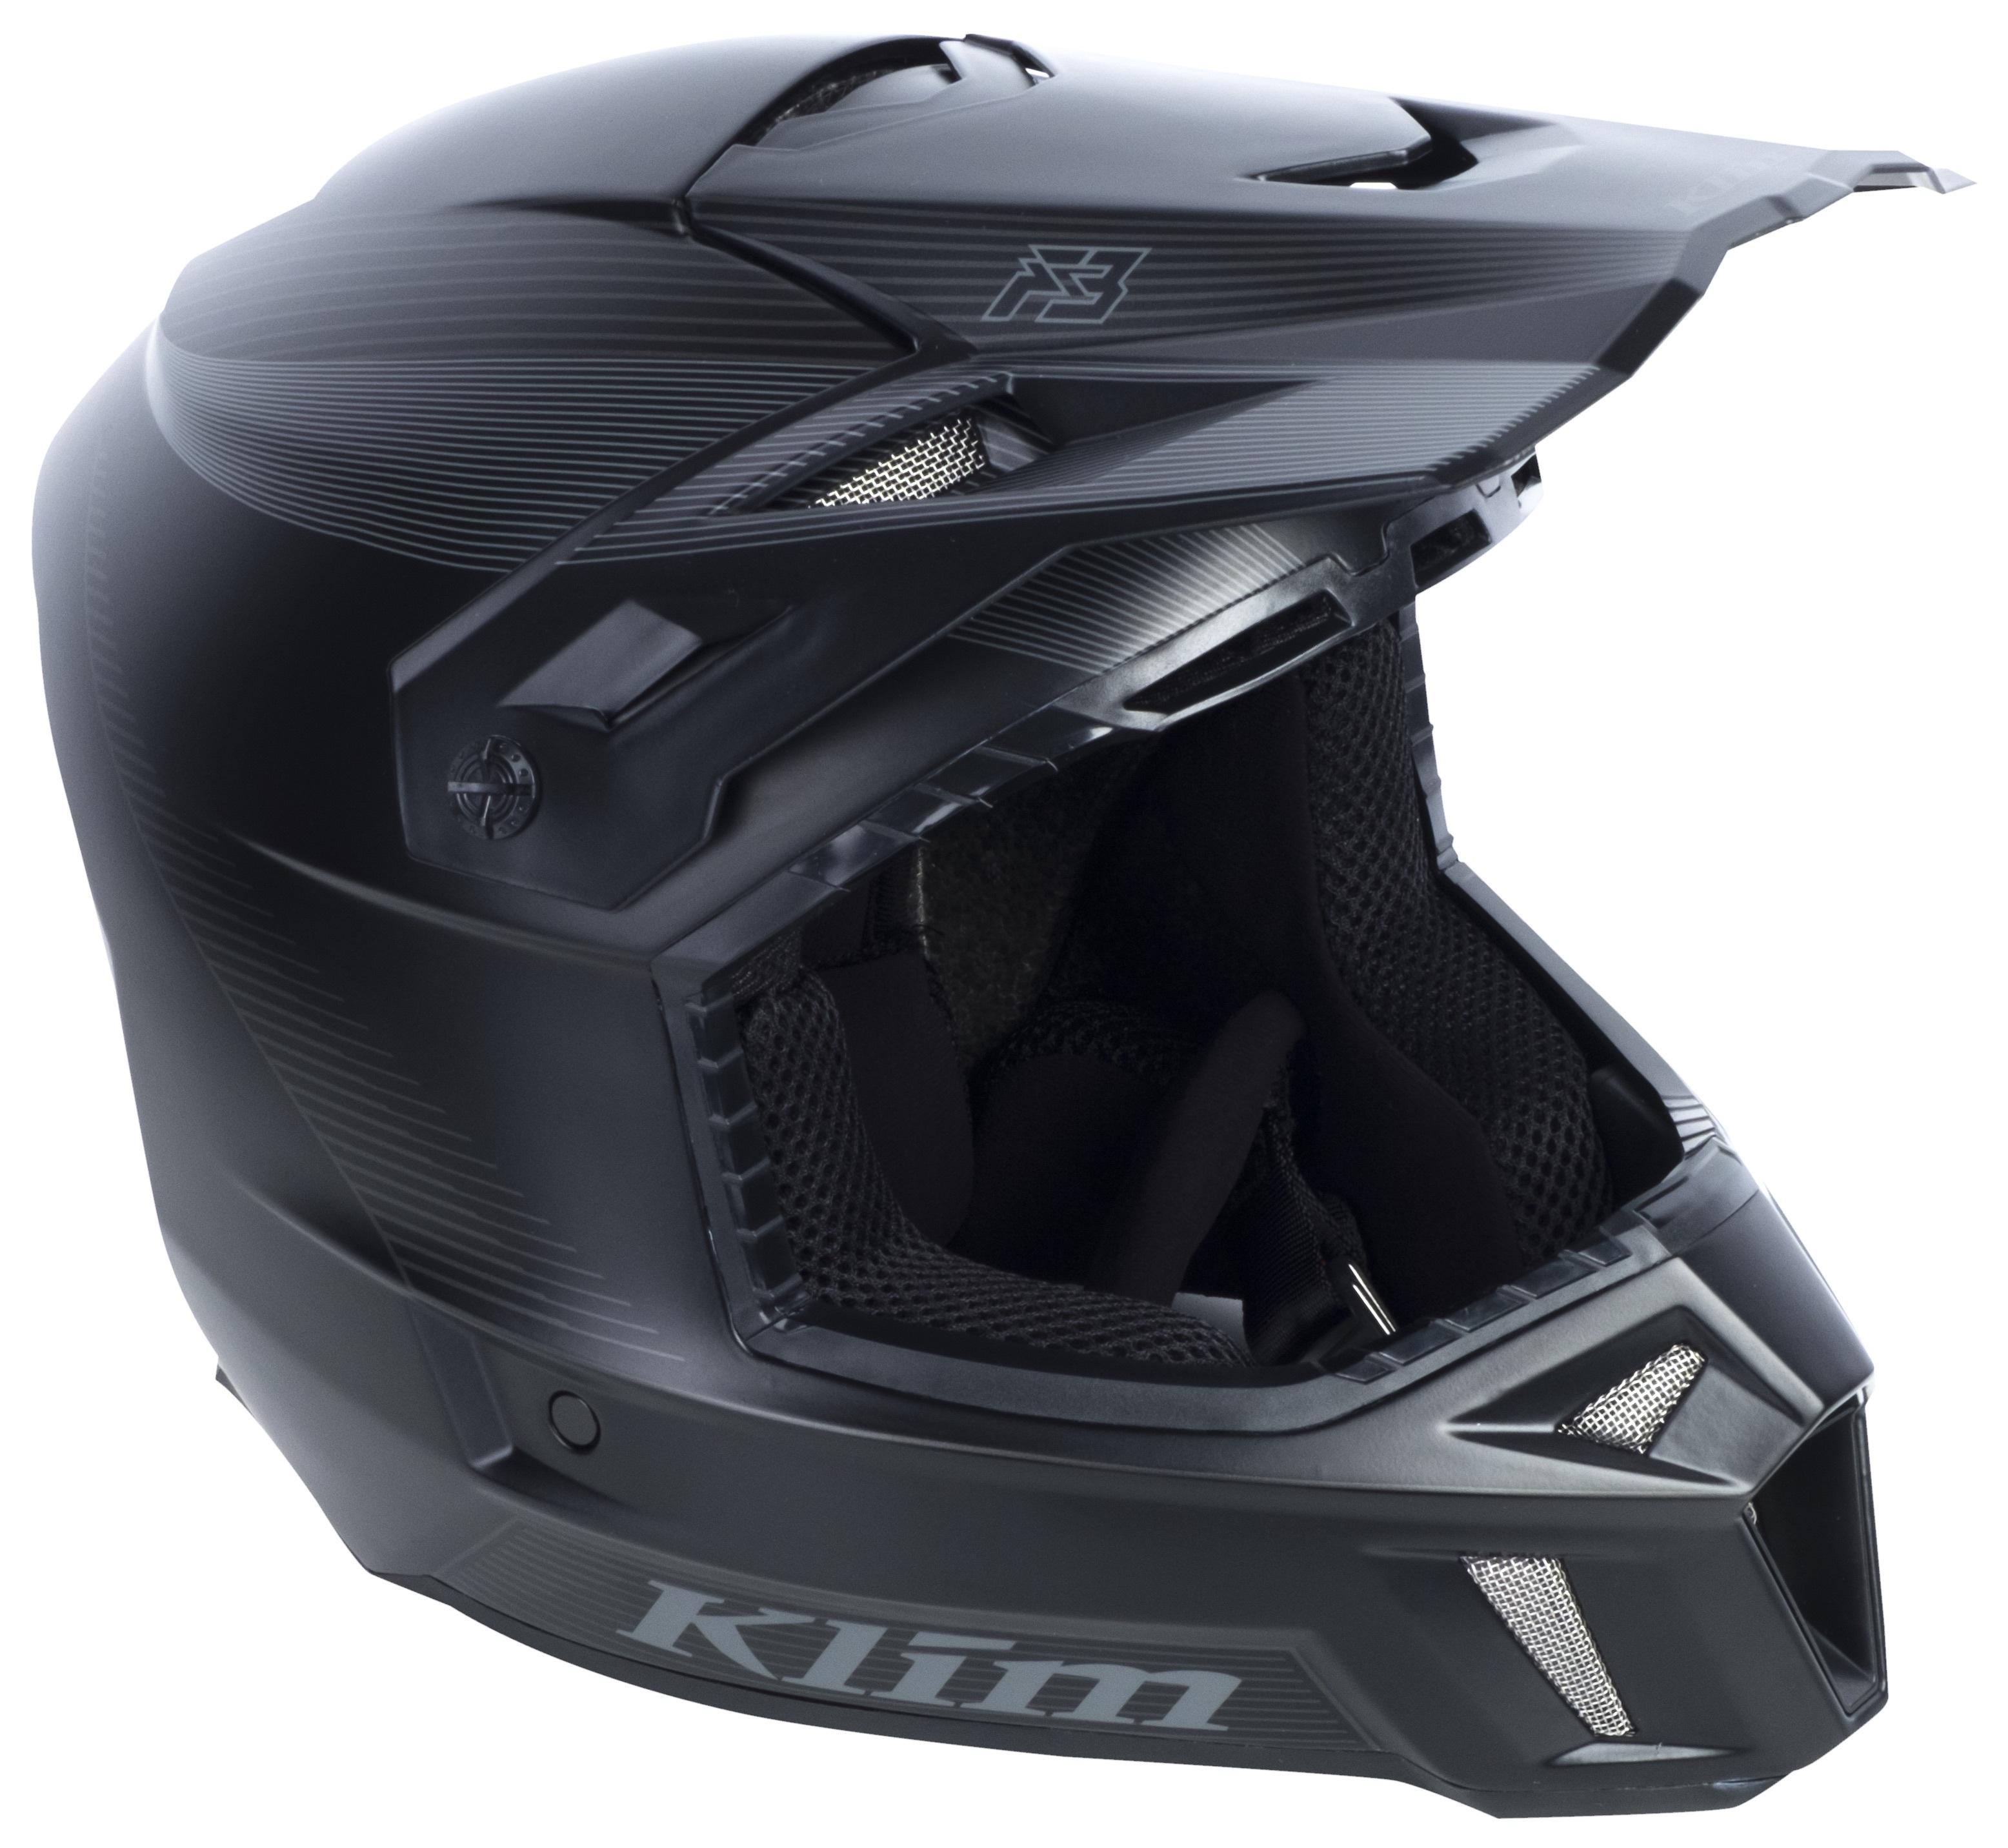 Klim F3 Motorcycle Helmet